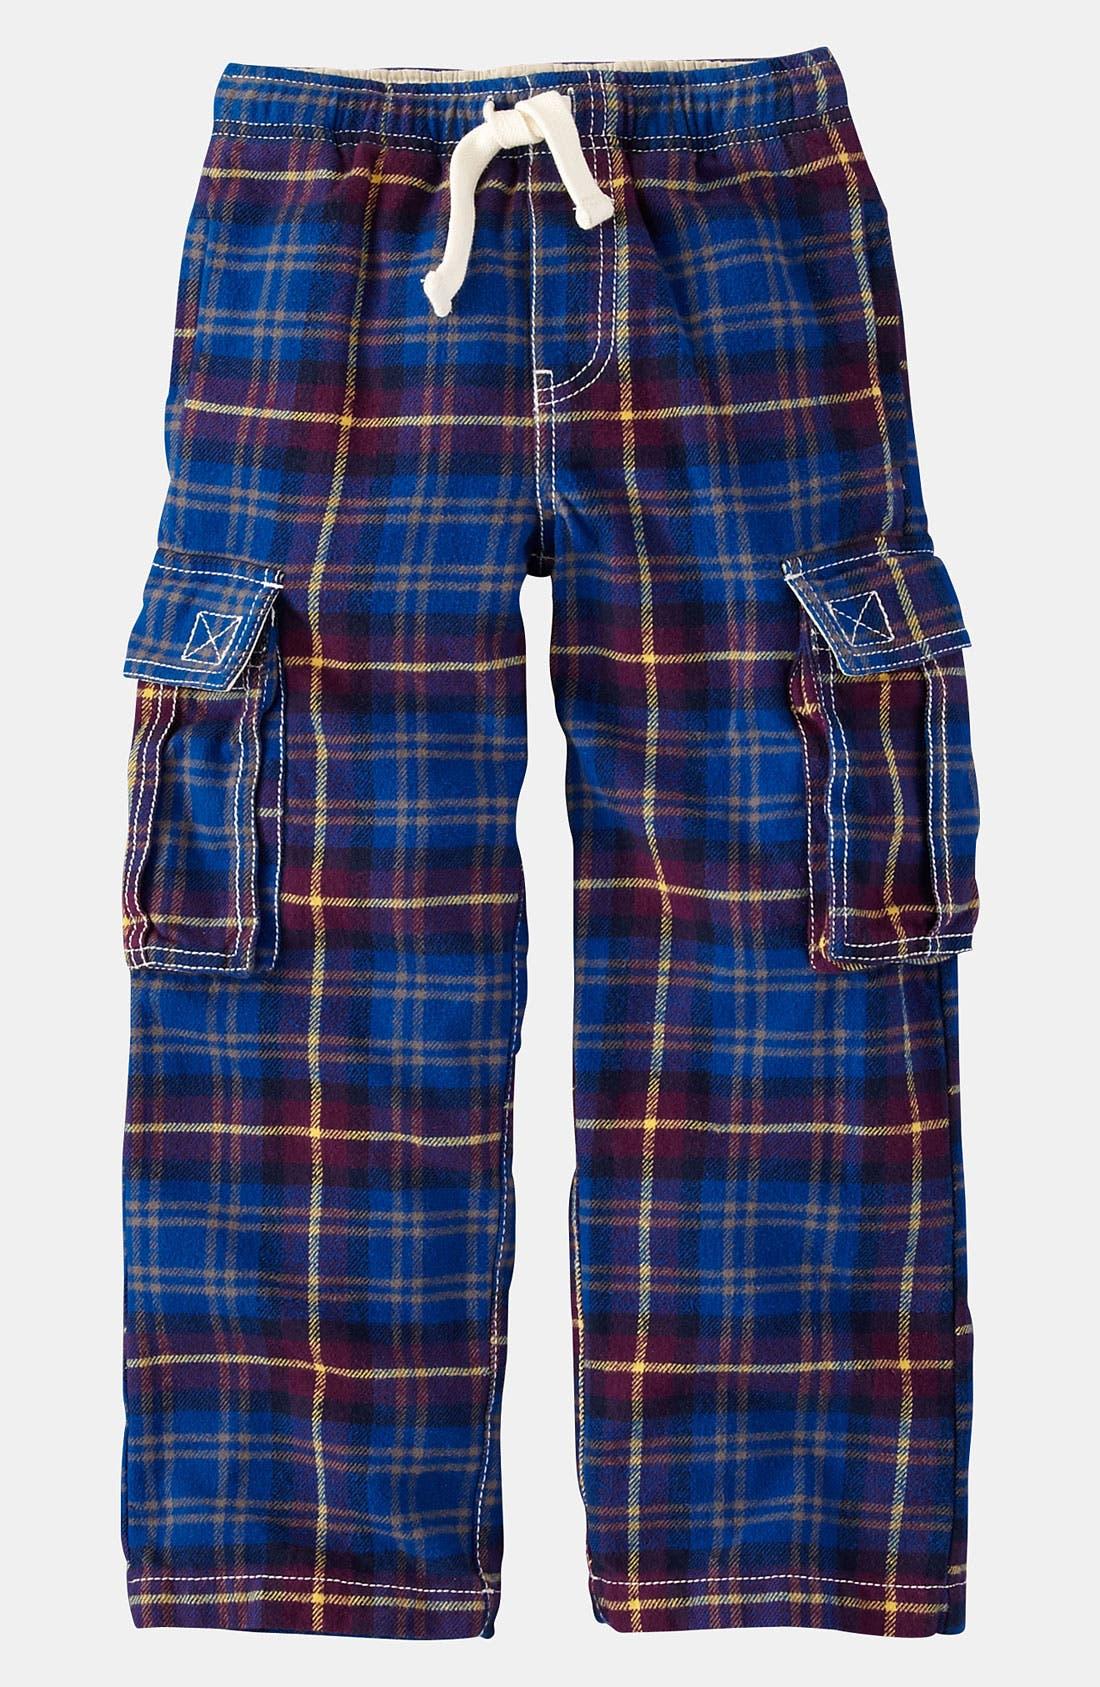 Main Image - Mini Boden Brushed Tartan Cargo Pants (Toddler)